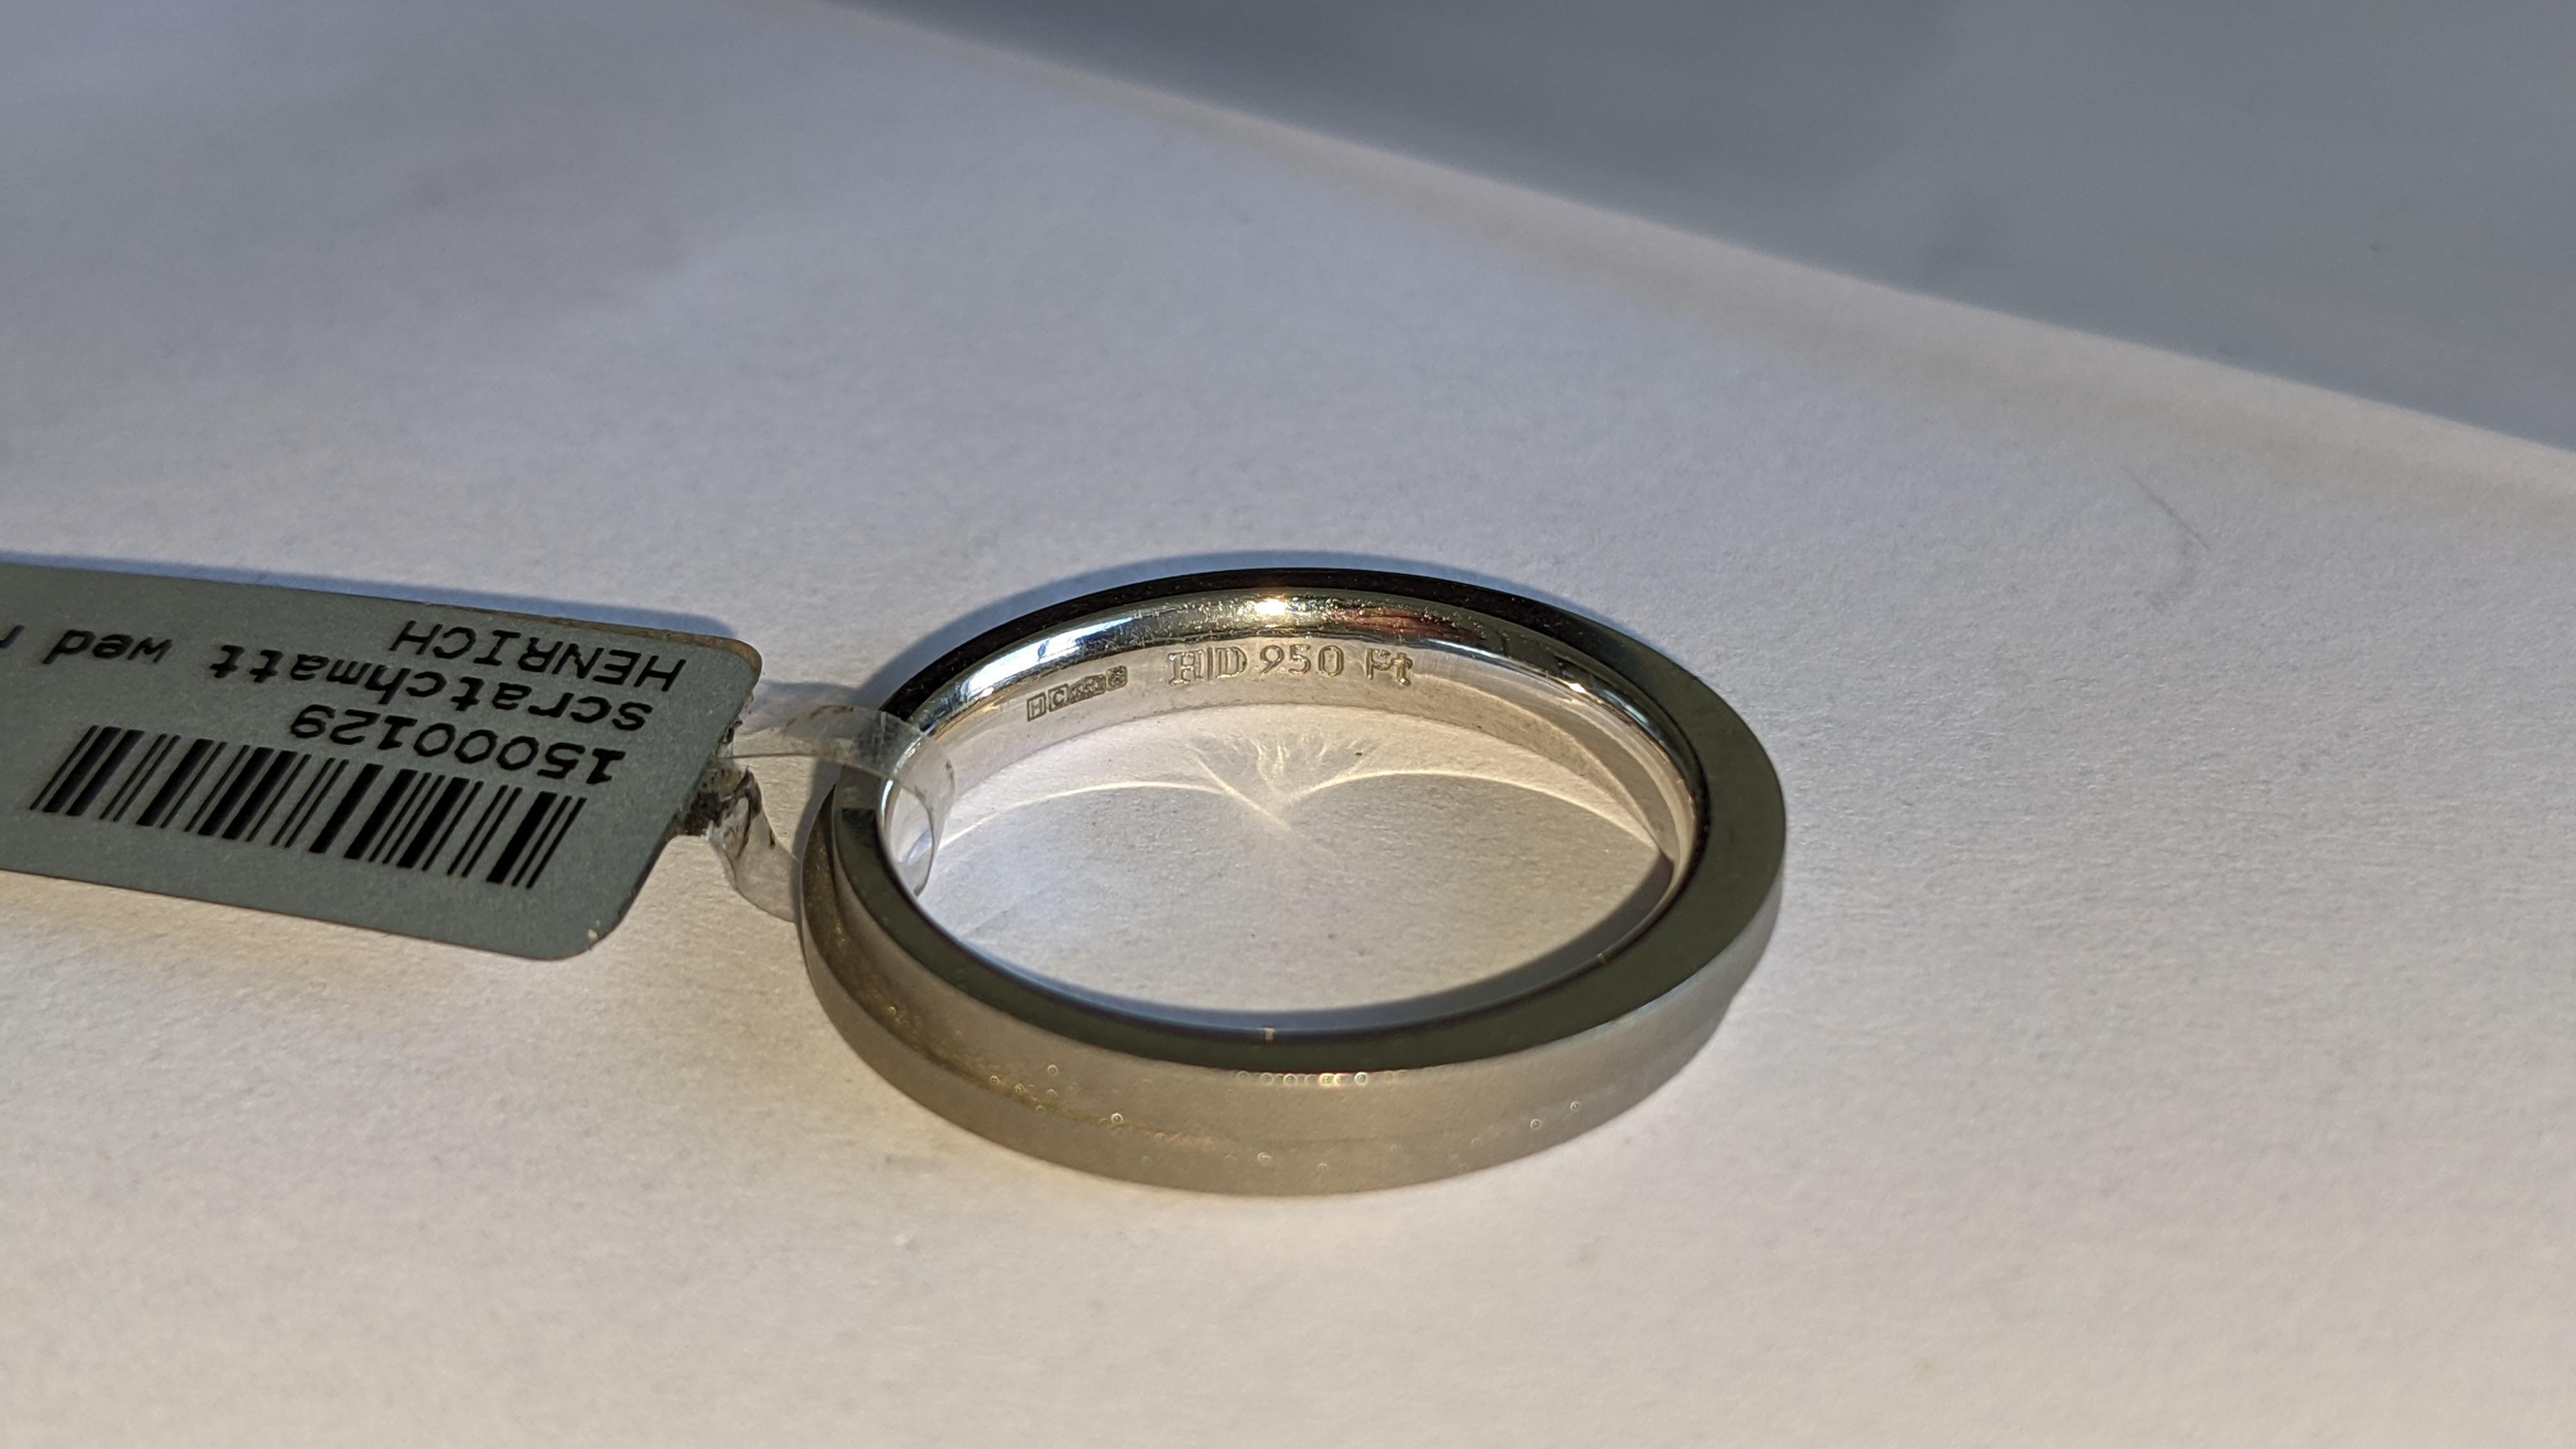 Platinum 950 wedding ring. RRP £1,120 - Image 9 of 13